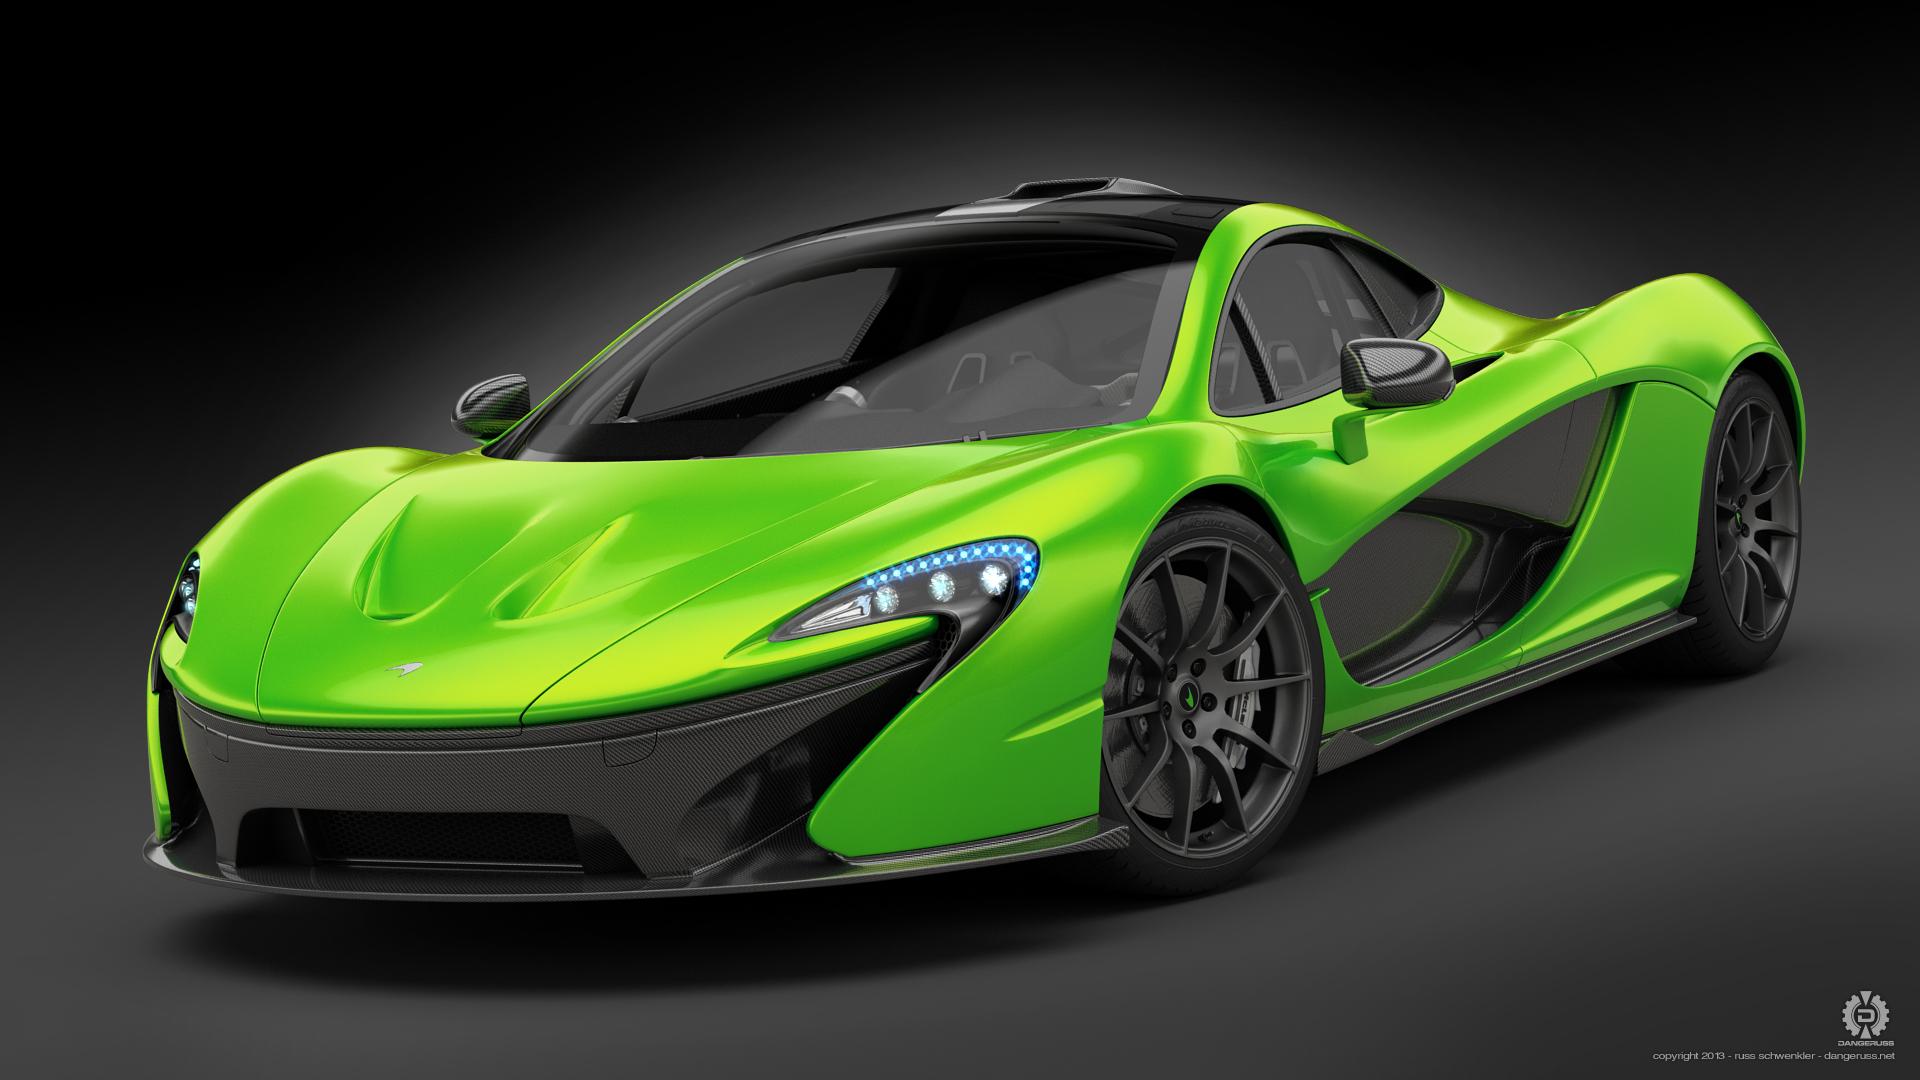 Green Mclaren P1 concept by dangeruss